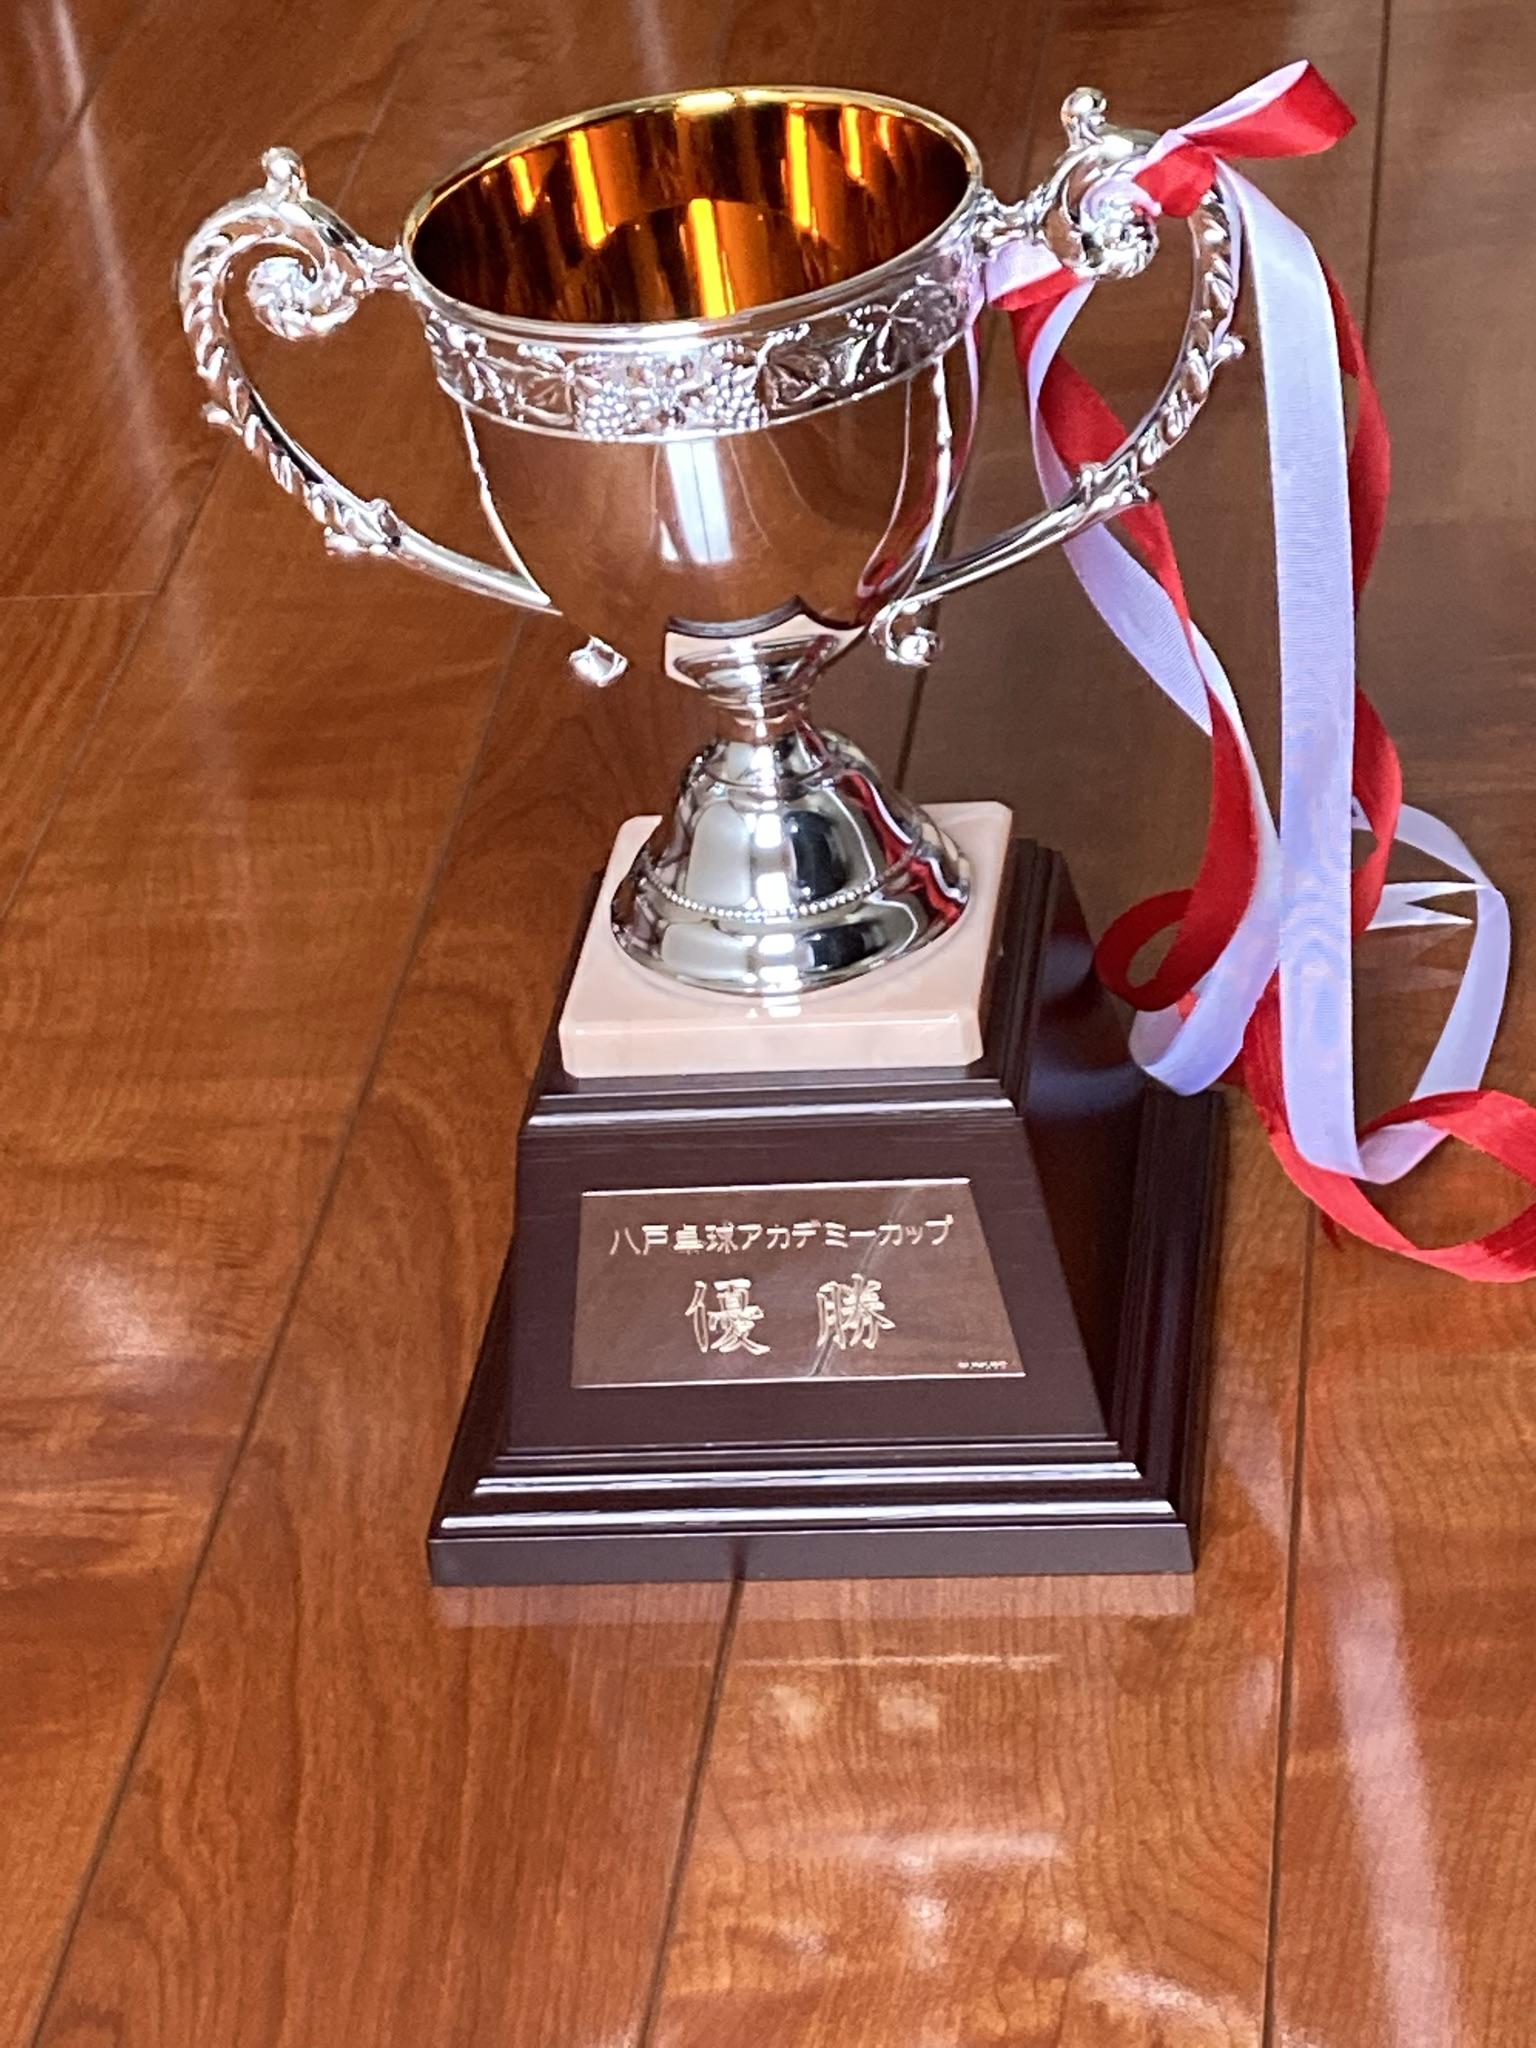 第1回 八戸卓球アカデミーカップ開催のご案内